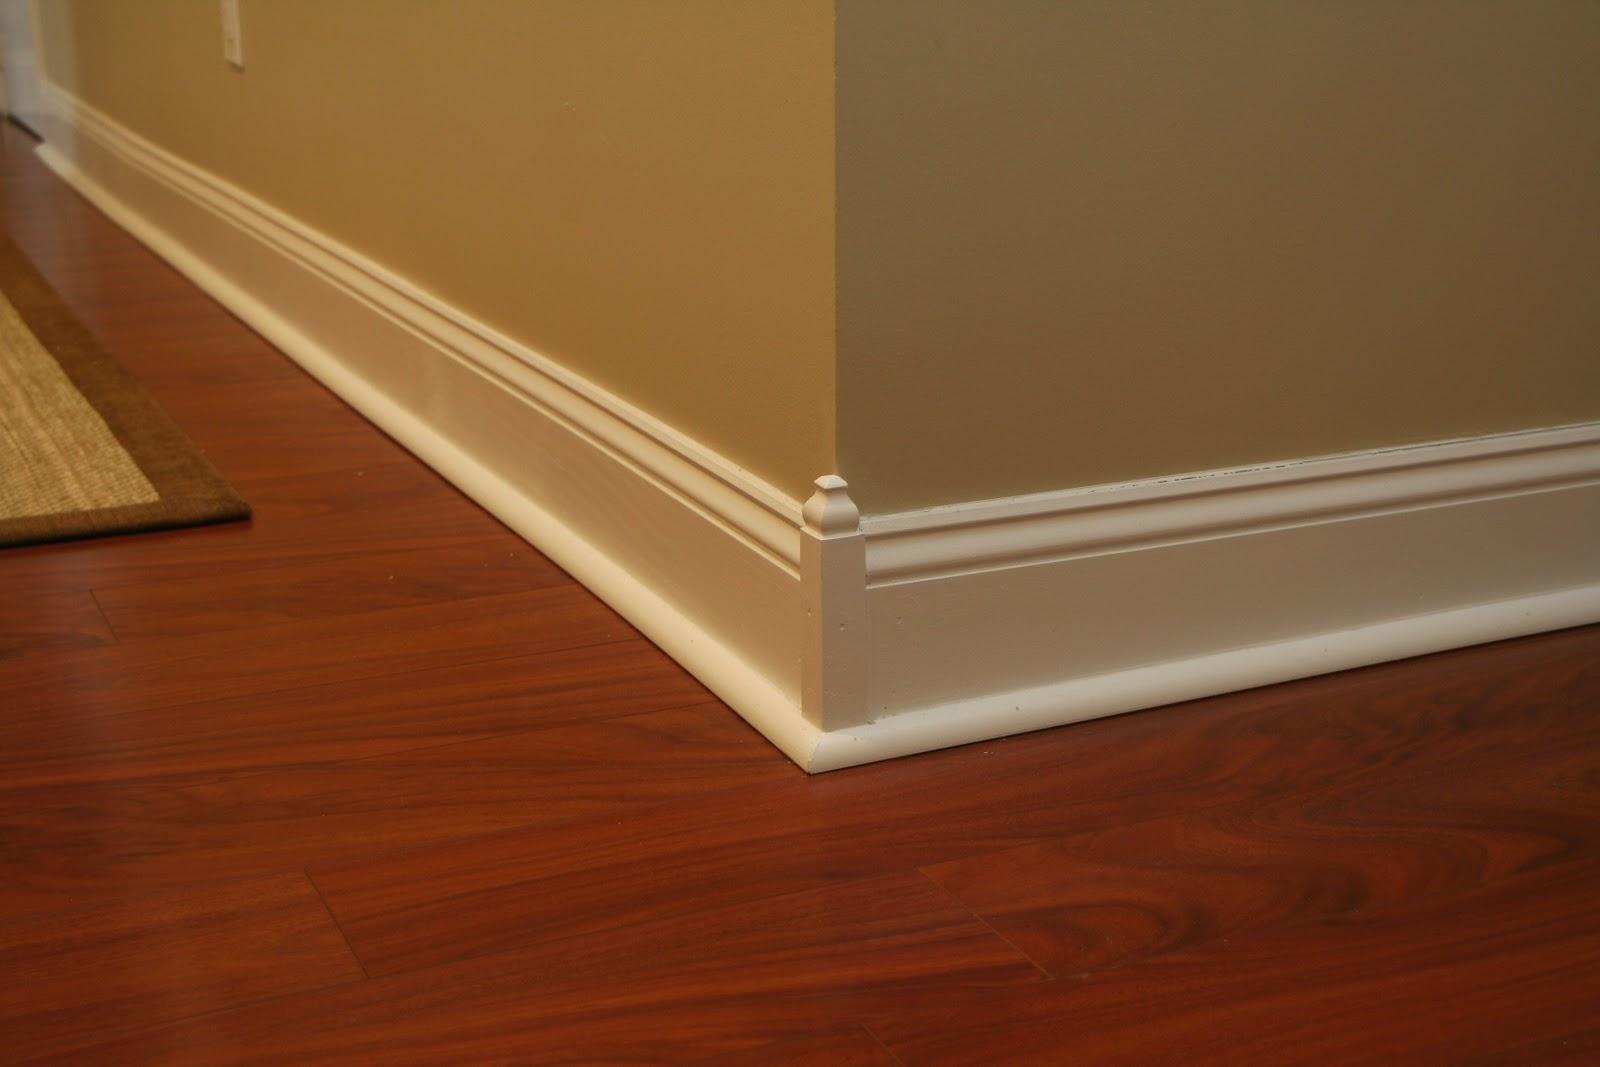 Floor Molding Trim : Our family room tour part moldings